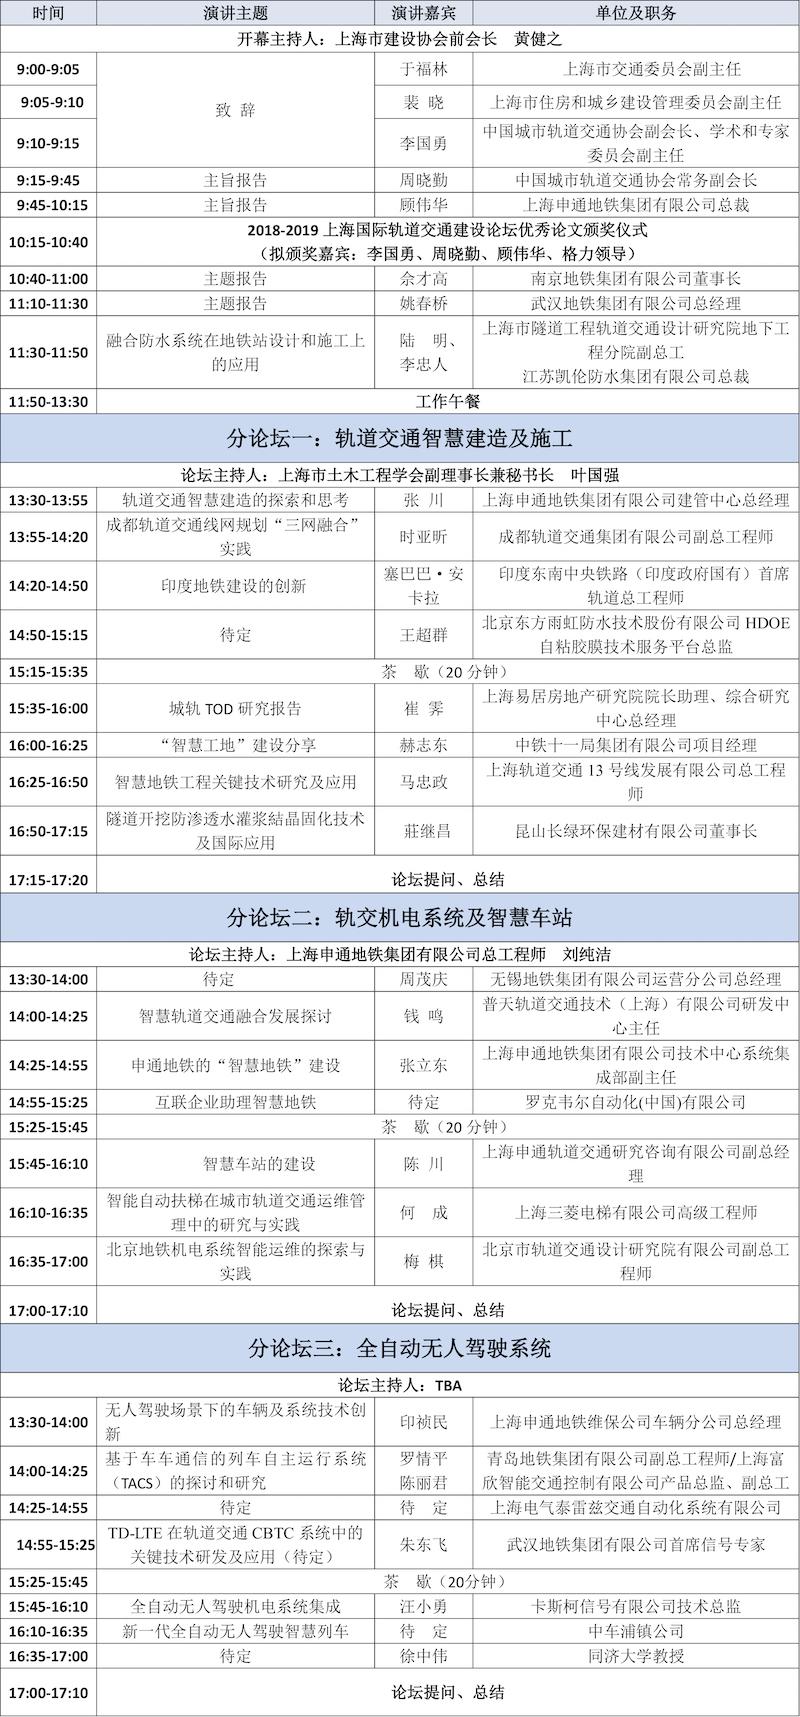 论坛议程-2019(第三届)上海轨道交通建设高峰日程的副本.jpg